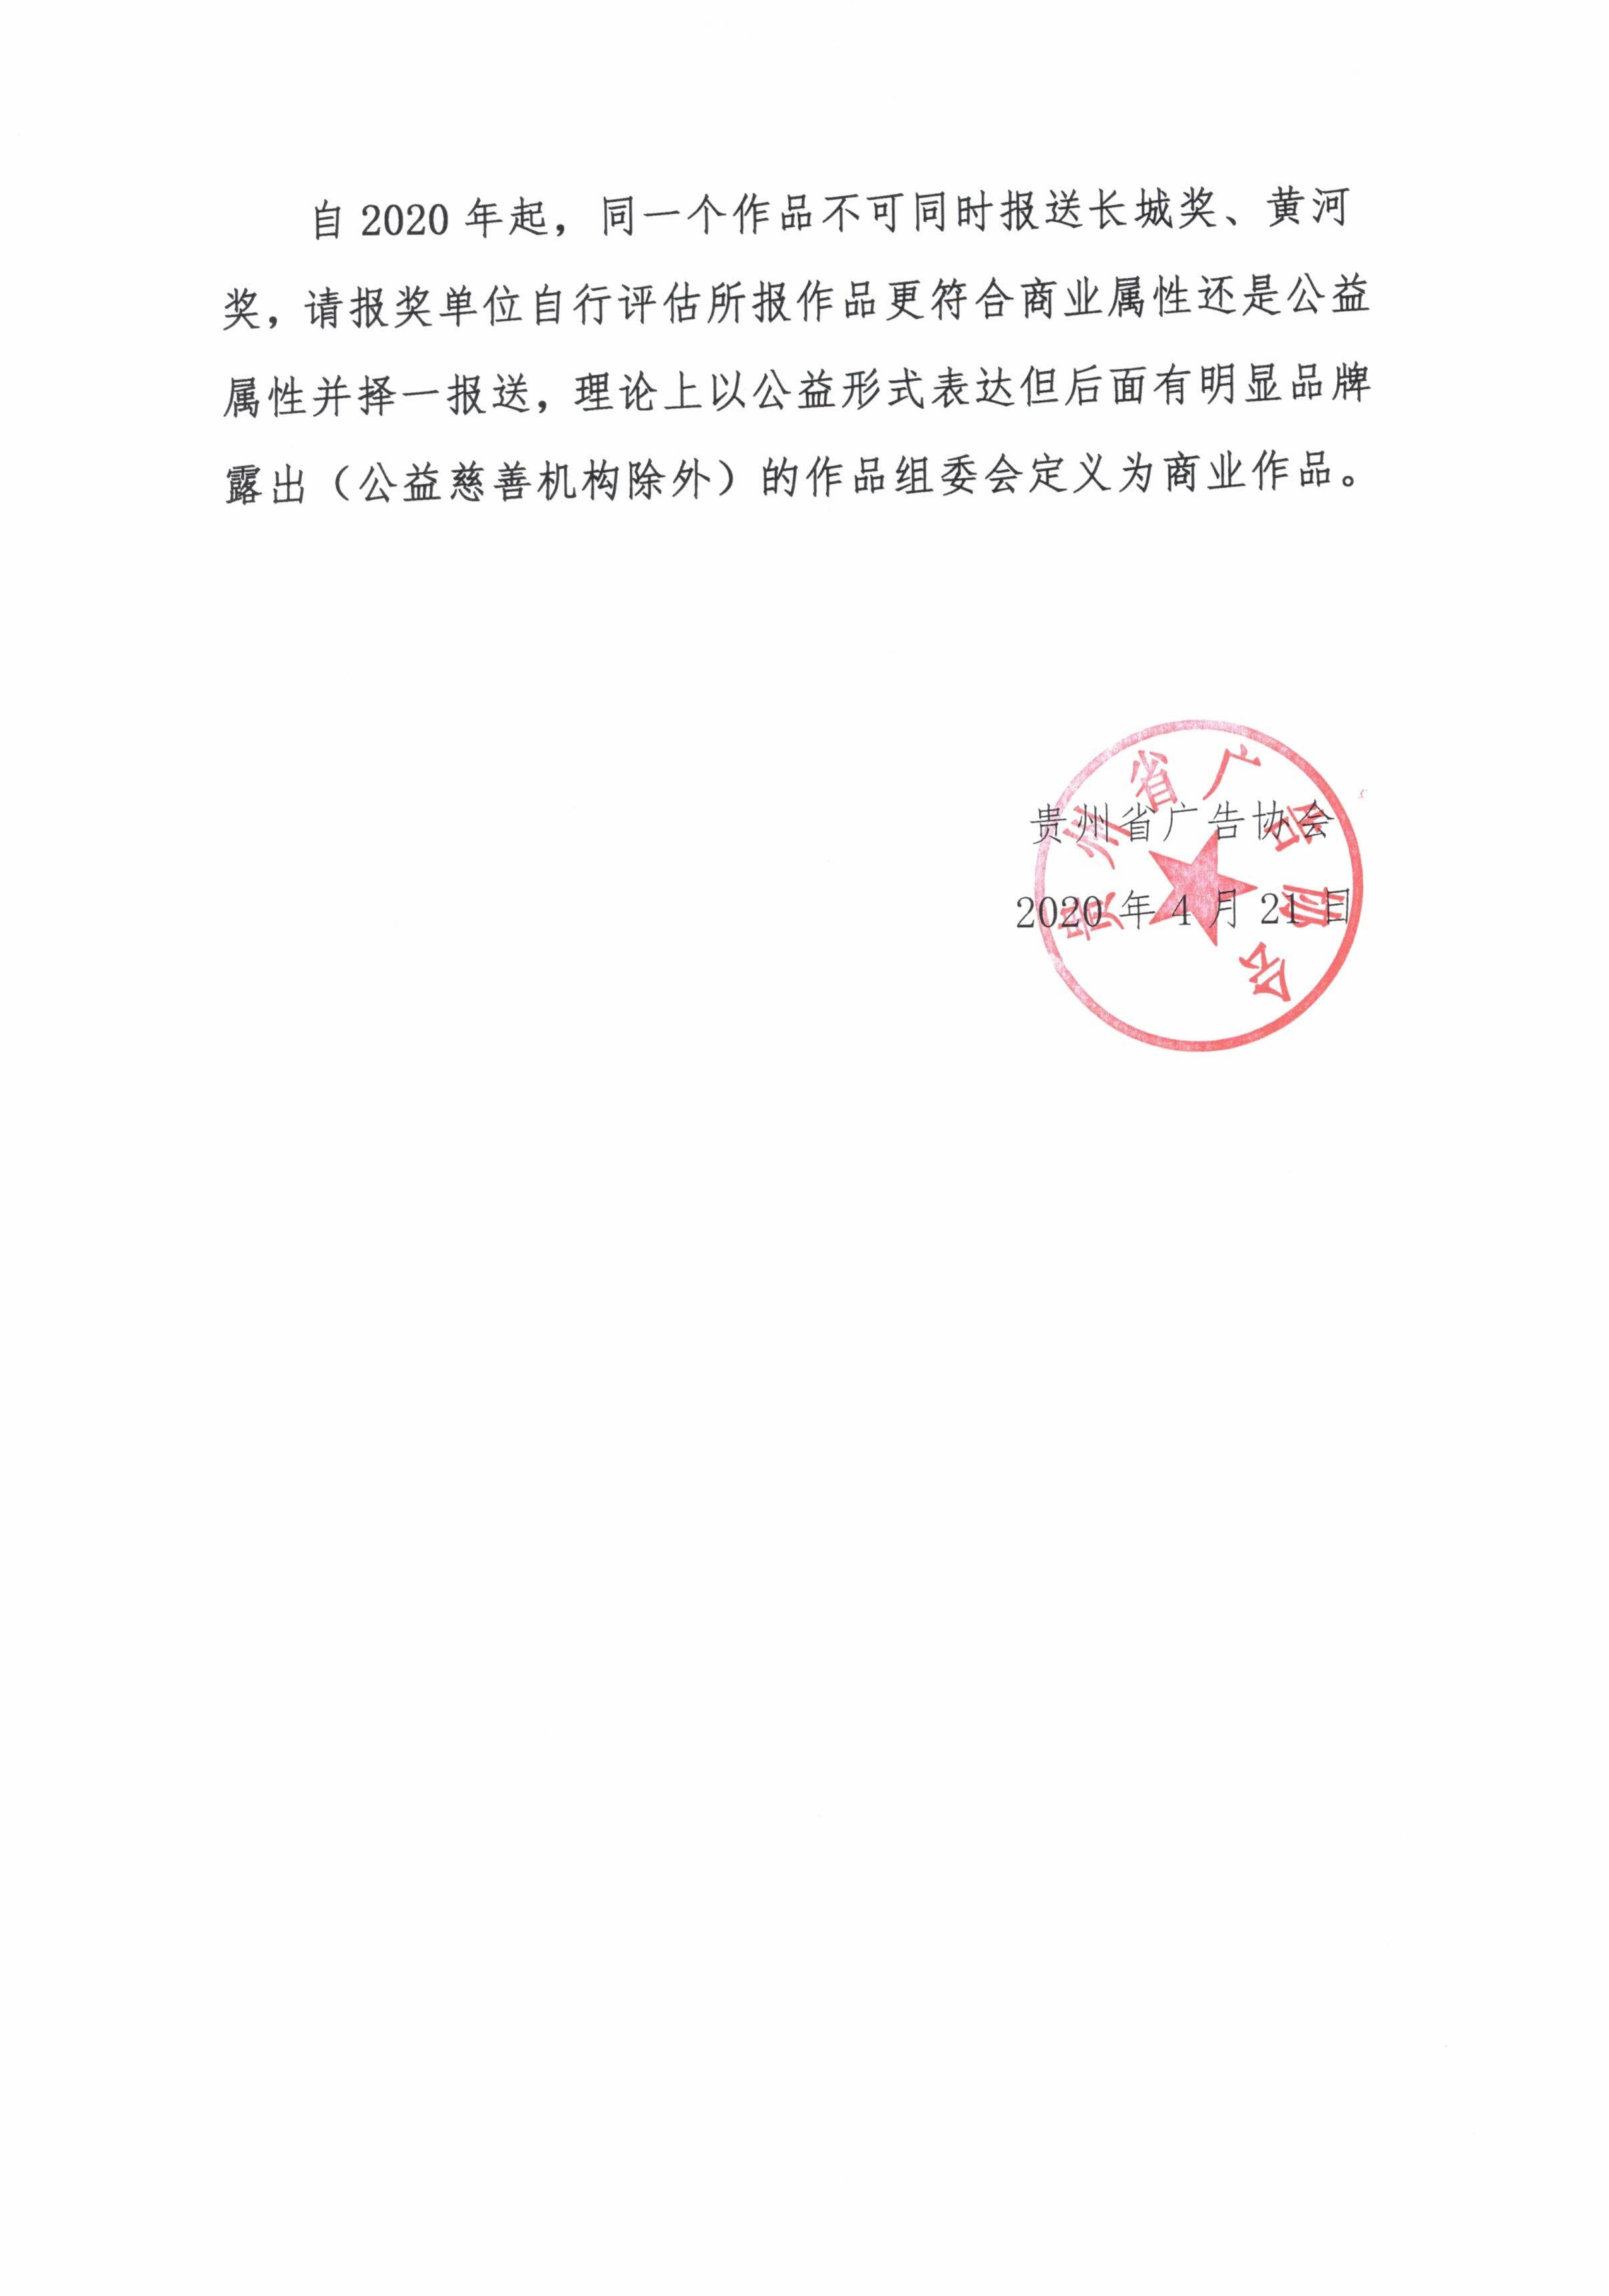 """关于第27届中国国际万博maxbet官网下载节""""长城奖""""作品征集的通知_000056.jpg"""